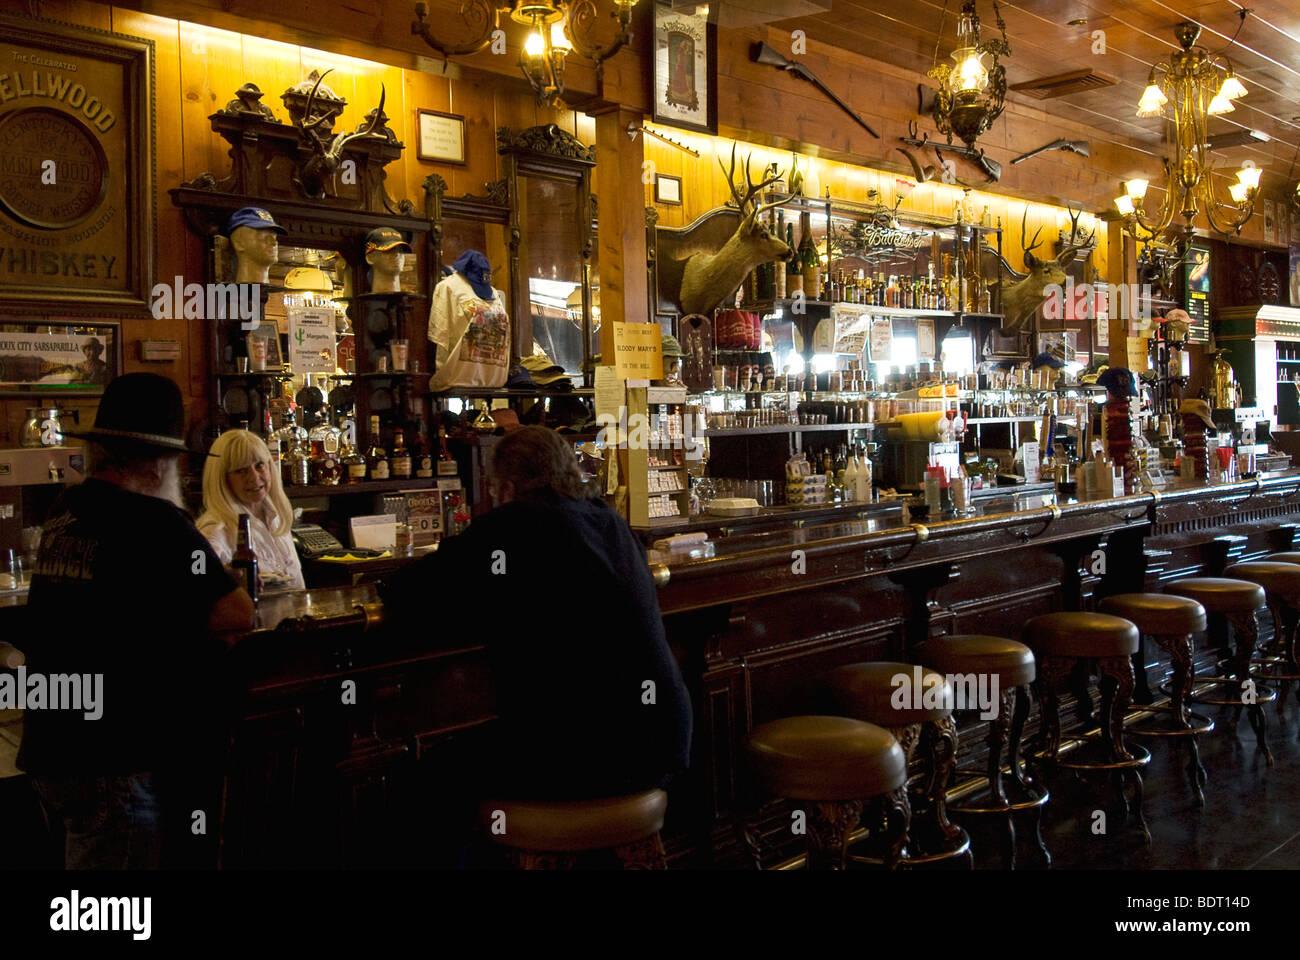 Delta Saloon on C St., Virginia City, Nevada - Stock Image